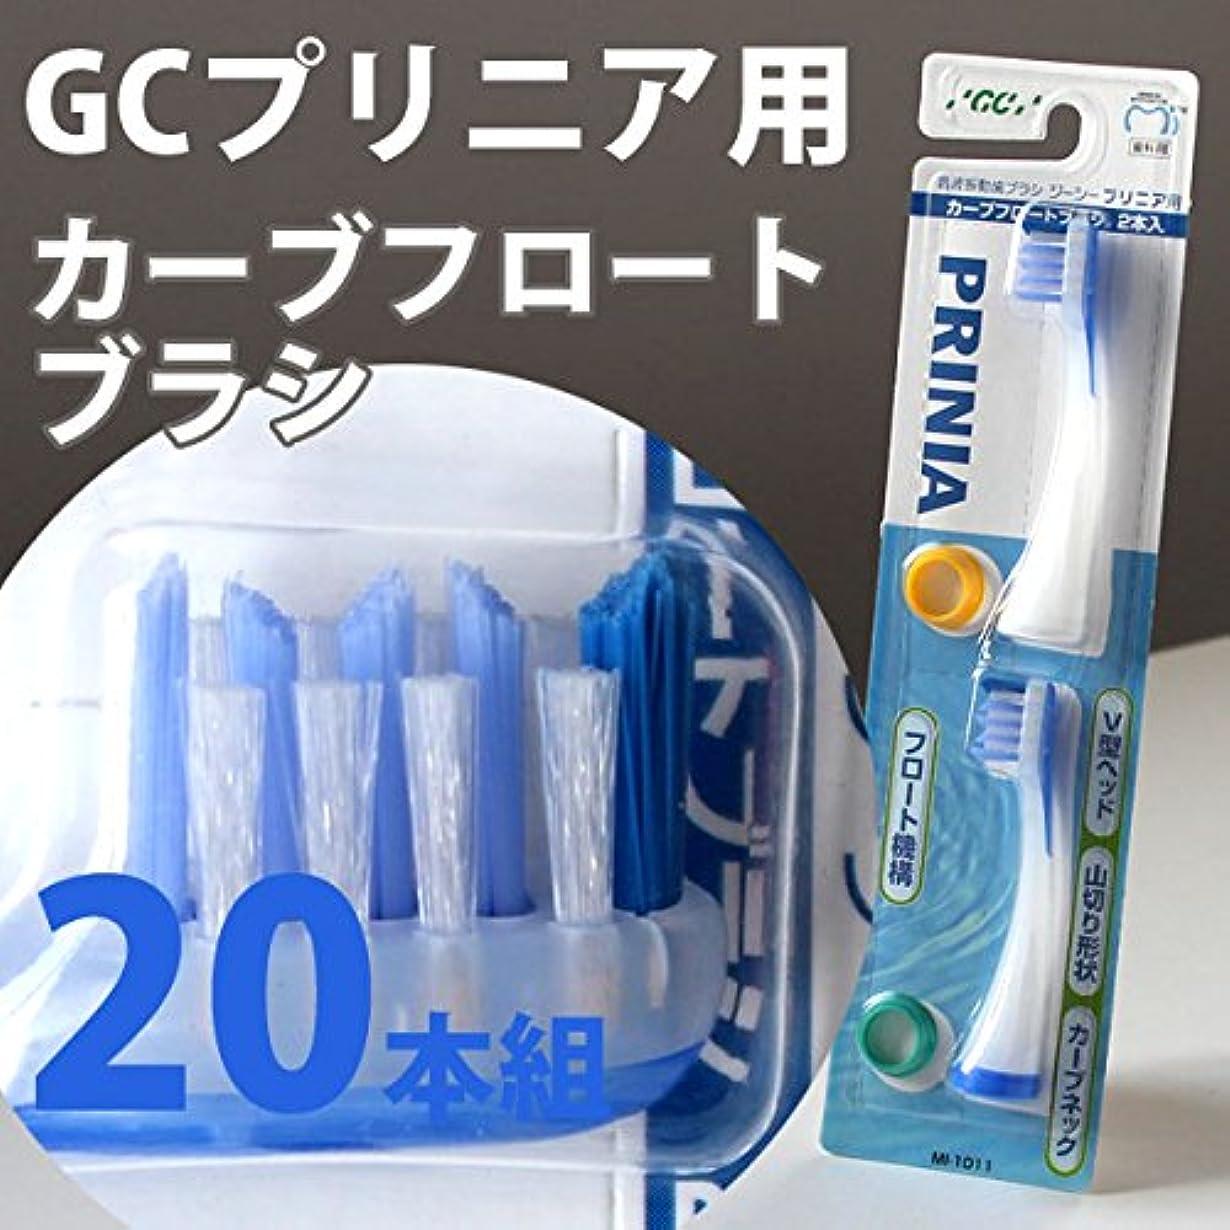 薄暗い居眠りするバンプリニア GC 音波振動 歯ブラシ プリニアスリム替えブラシ カーブフロートブラシ 10セット 便不 ブルー